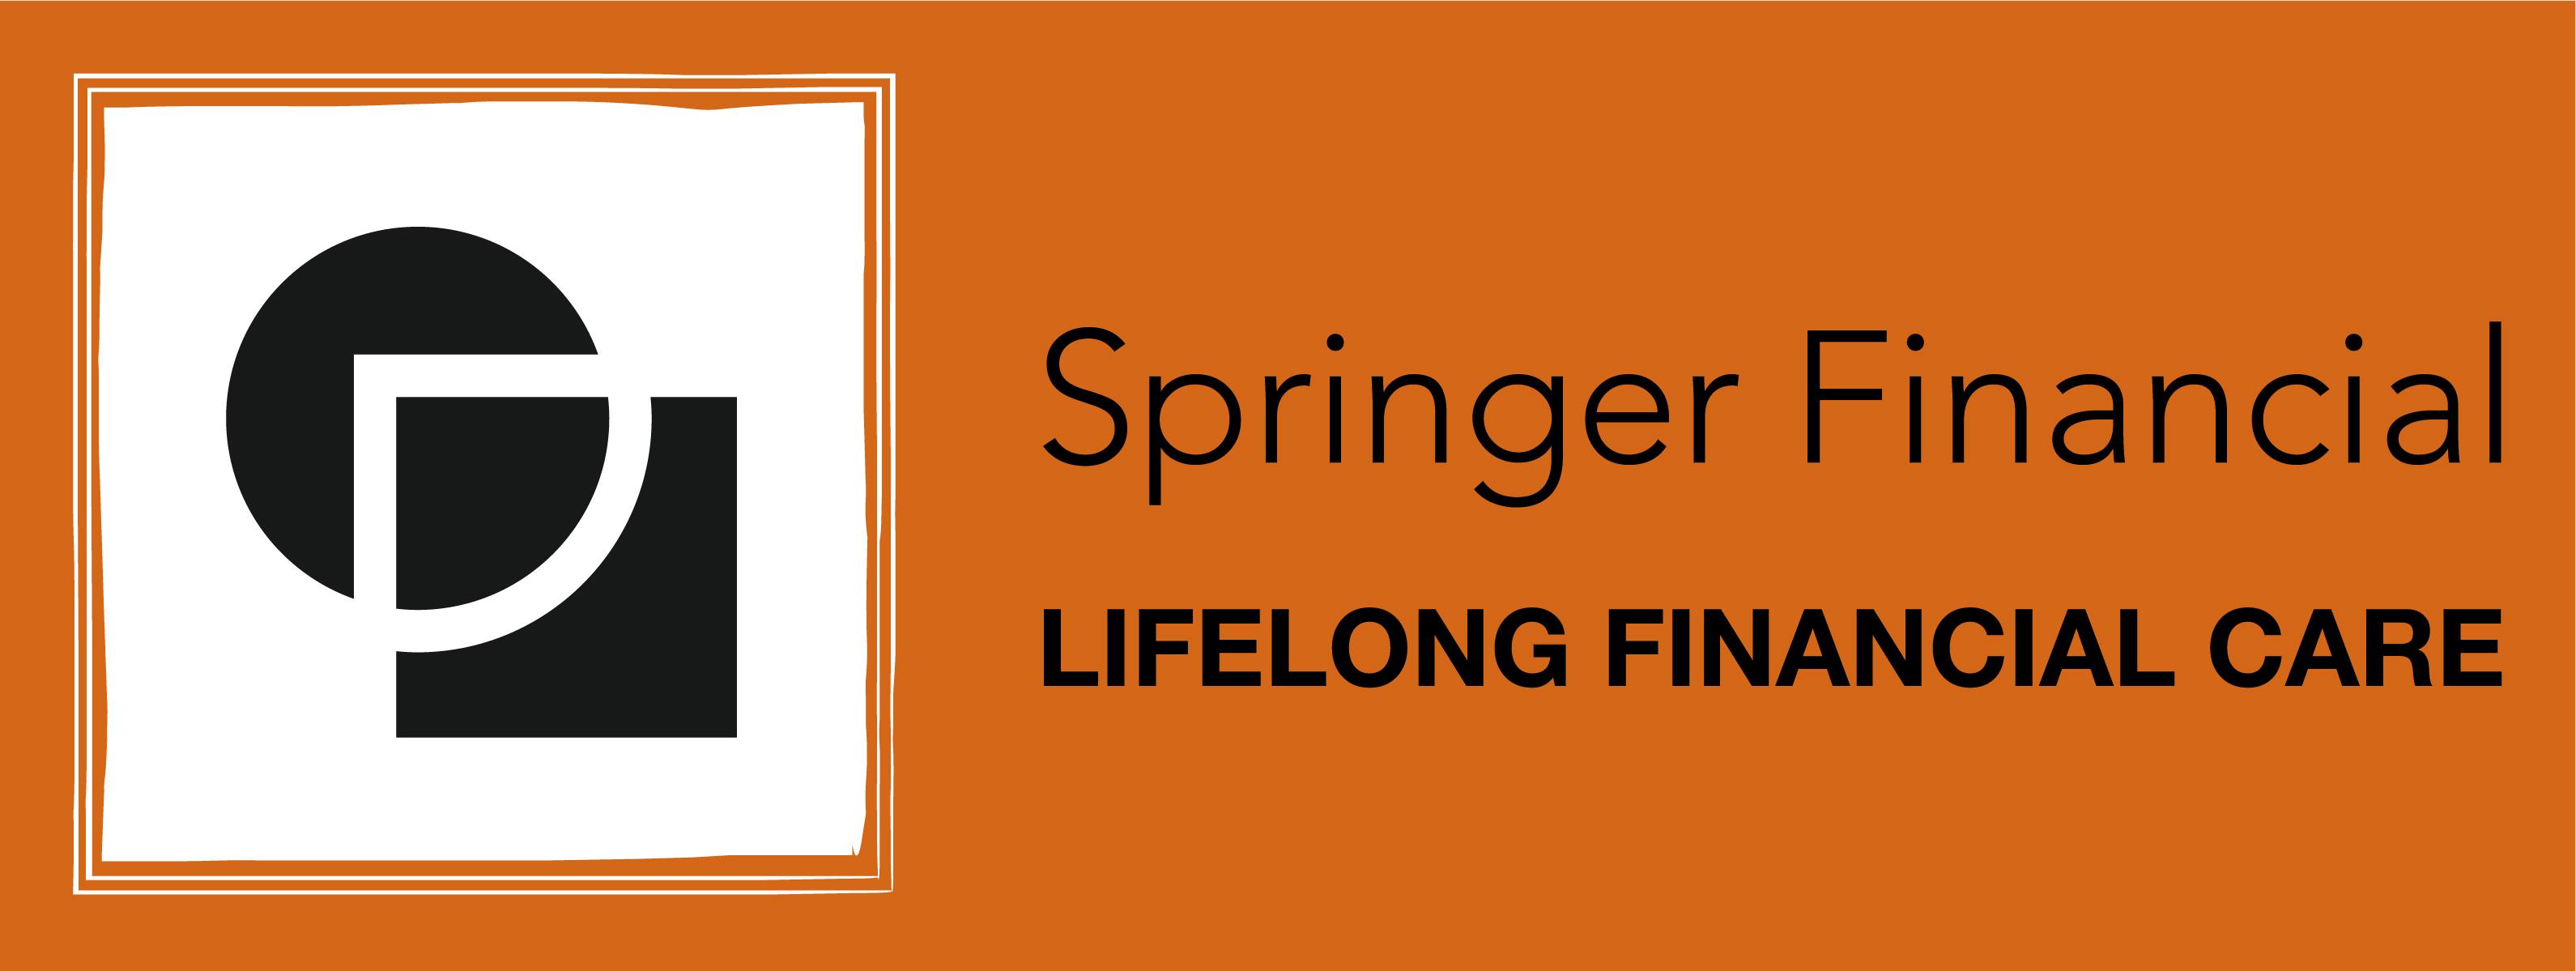 Rosetta Springer